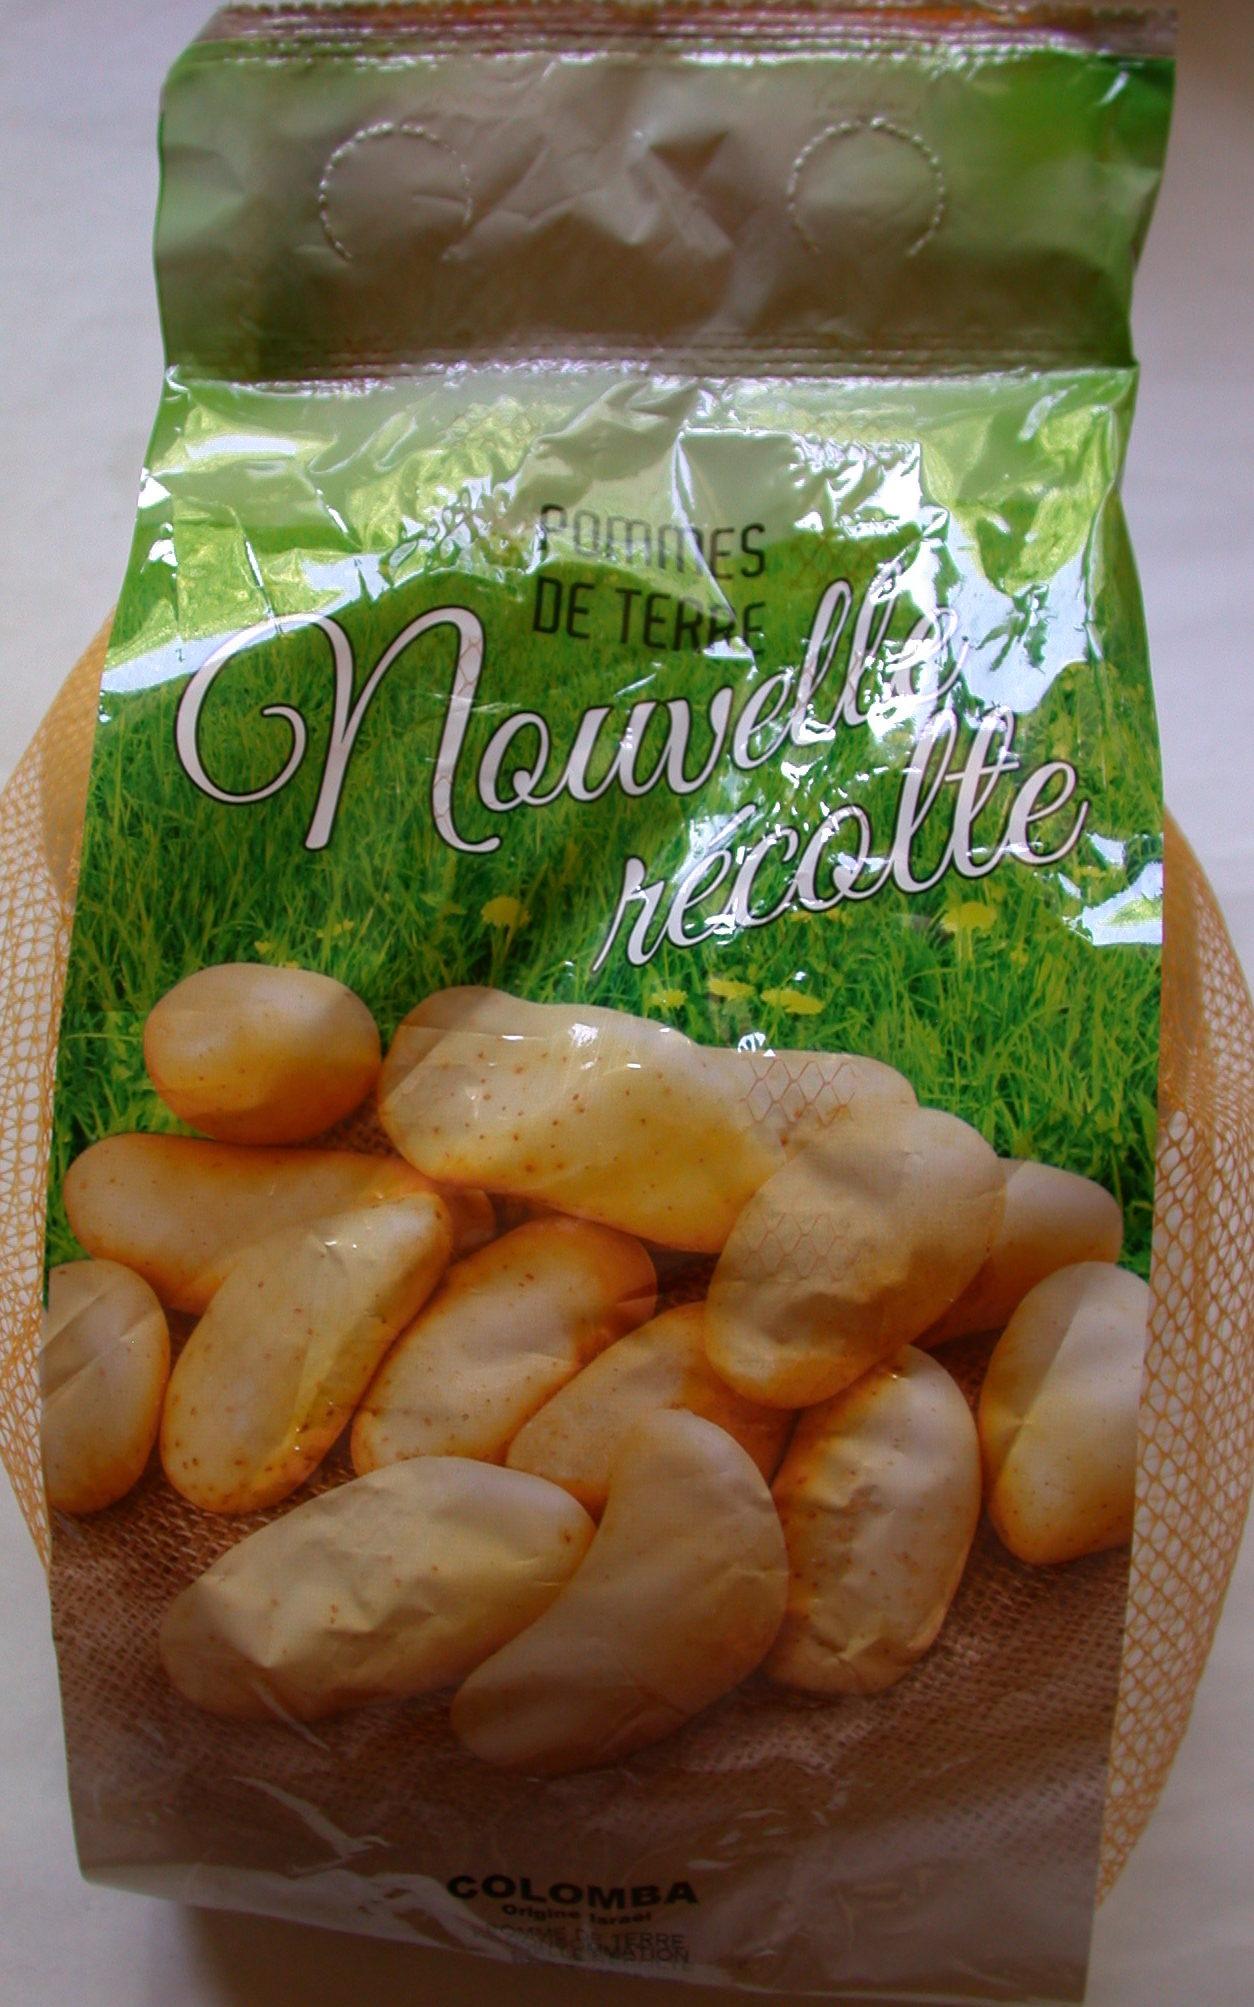 Pommes de terre nouvelle r colte sans marque 1 5 kg - Recolte des pommes de terre ...